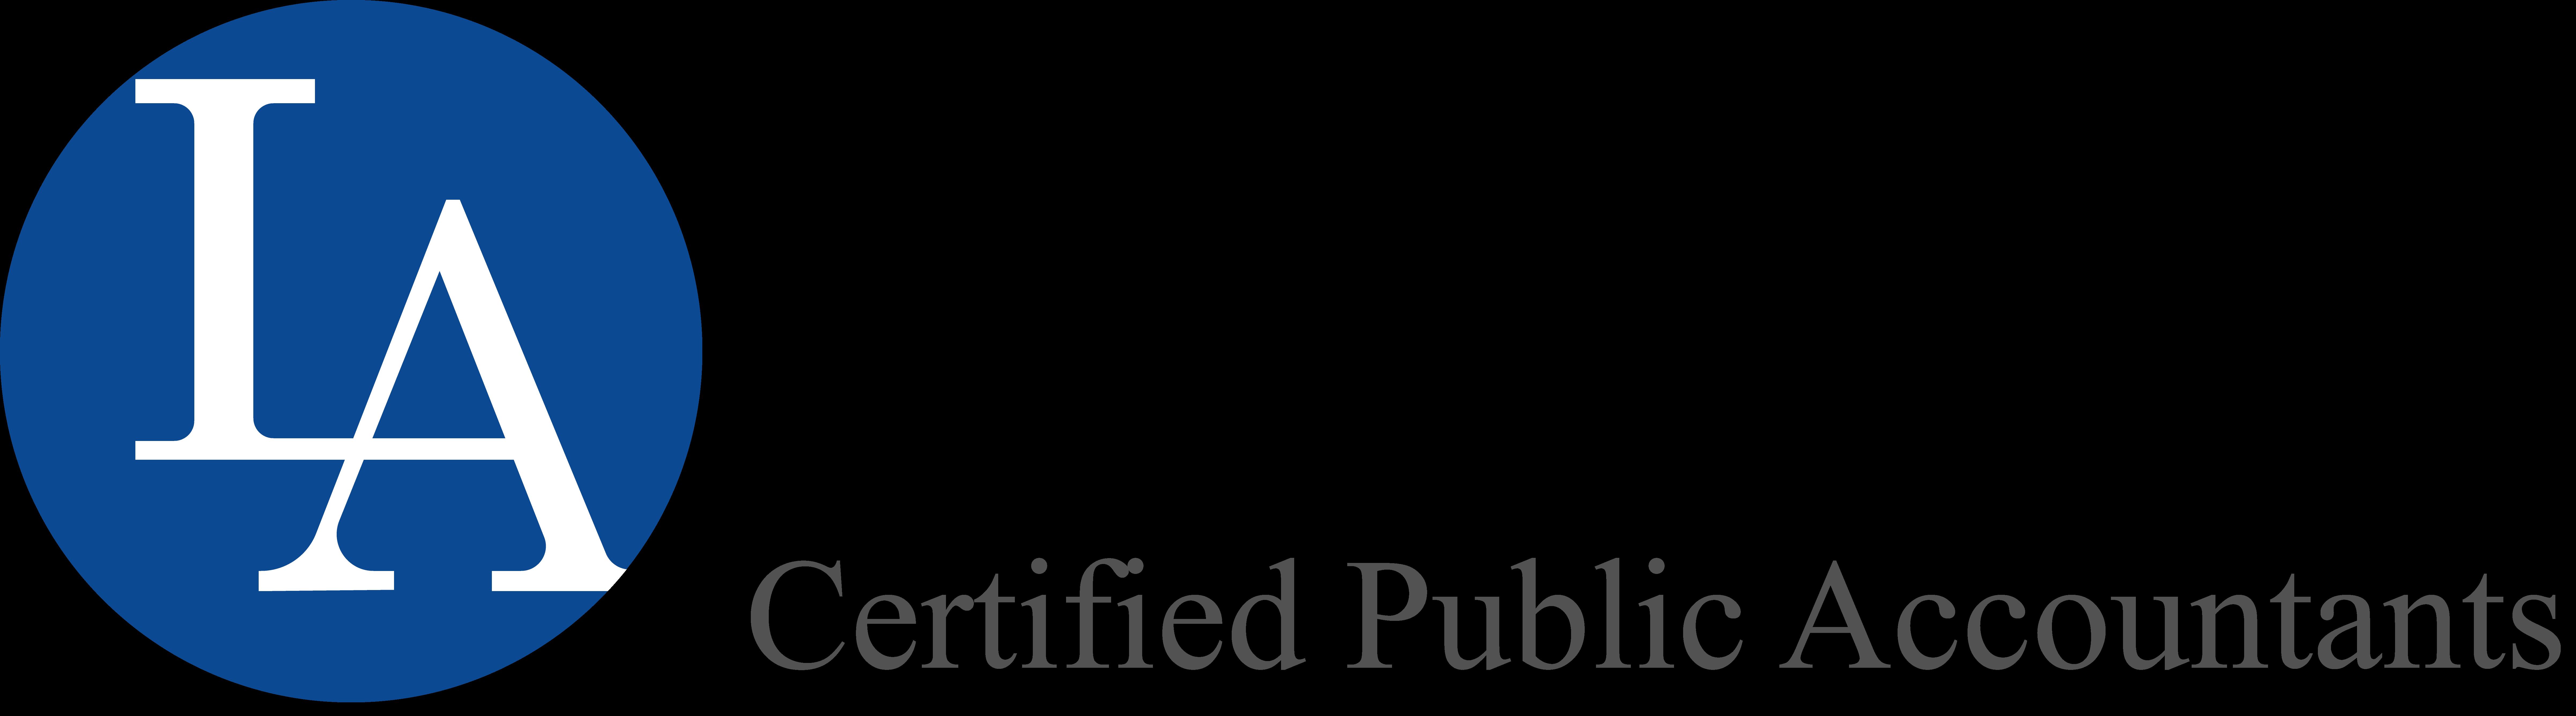 Liptz & Associates Logo